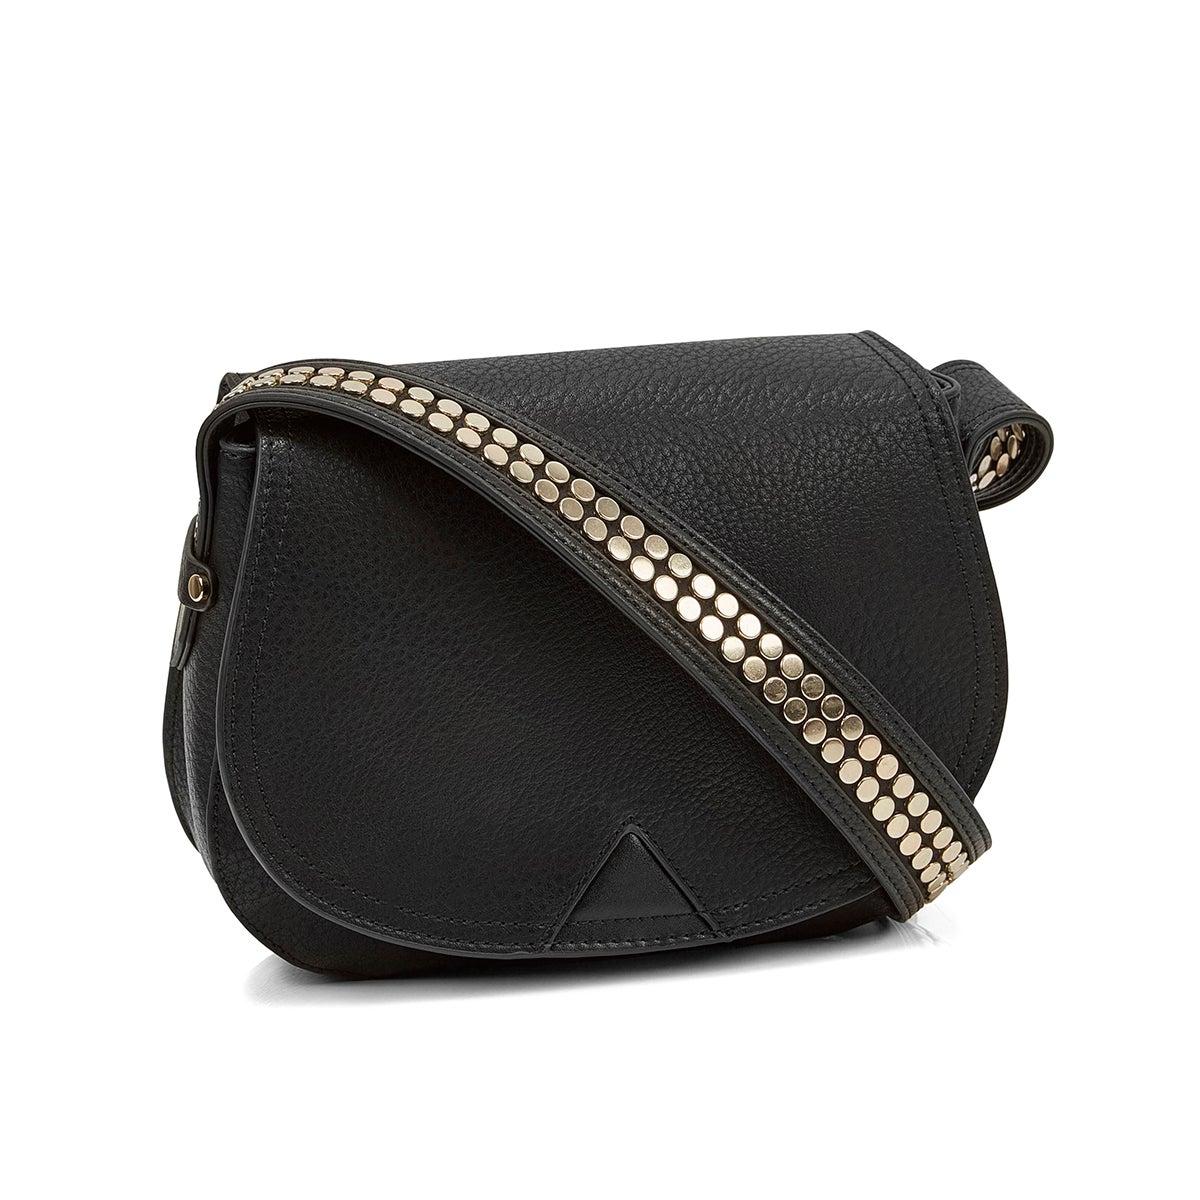 Women's BPOTTER black crossbody bag